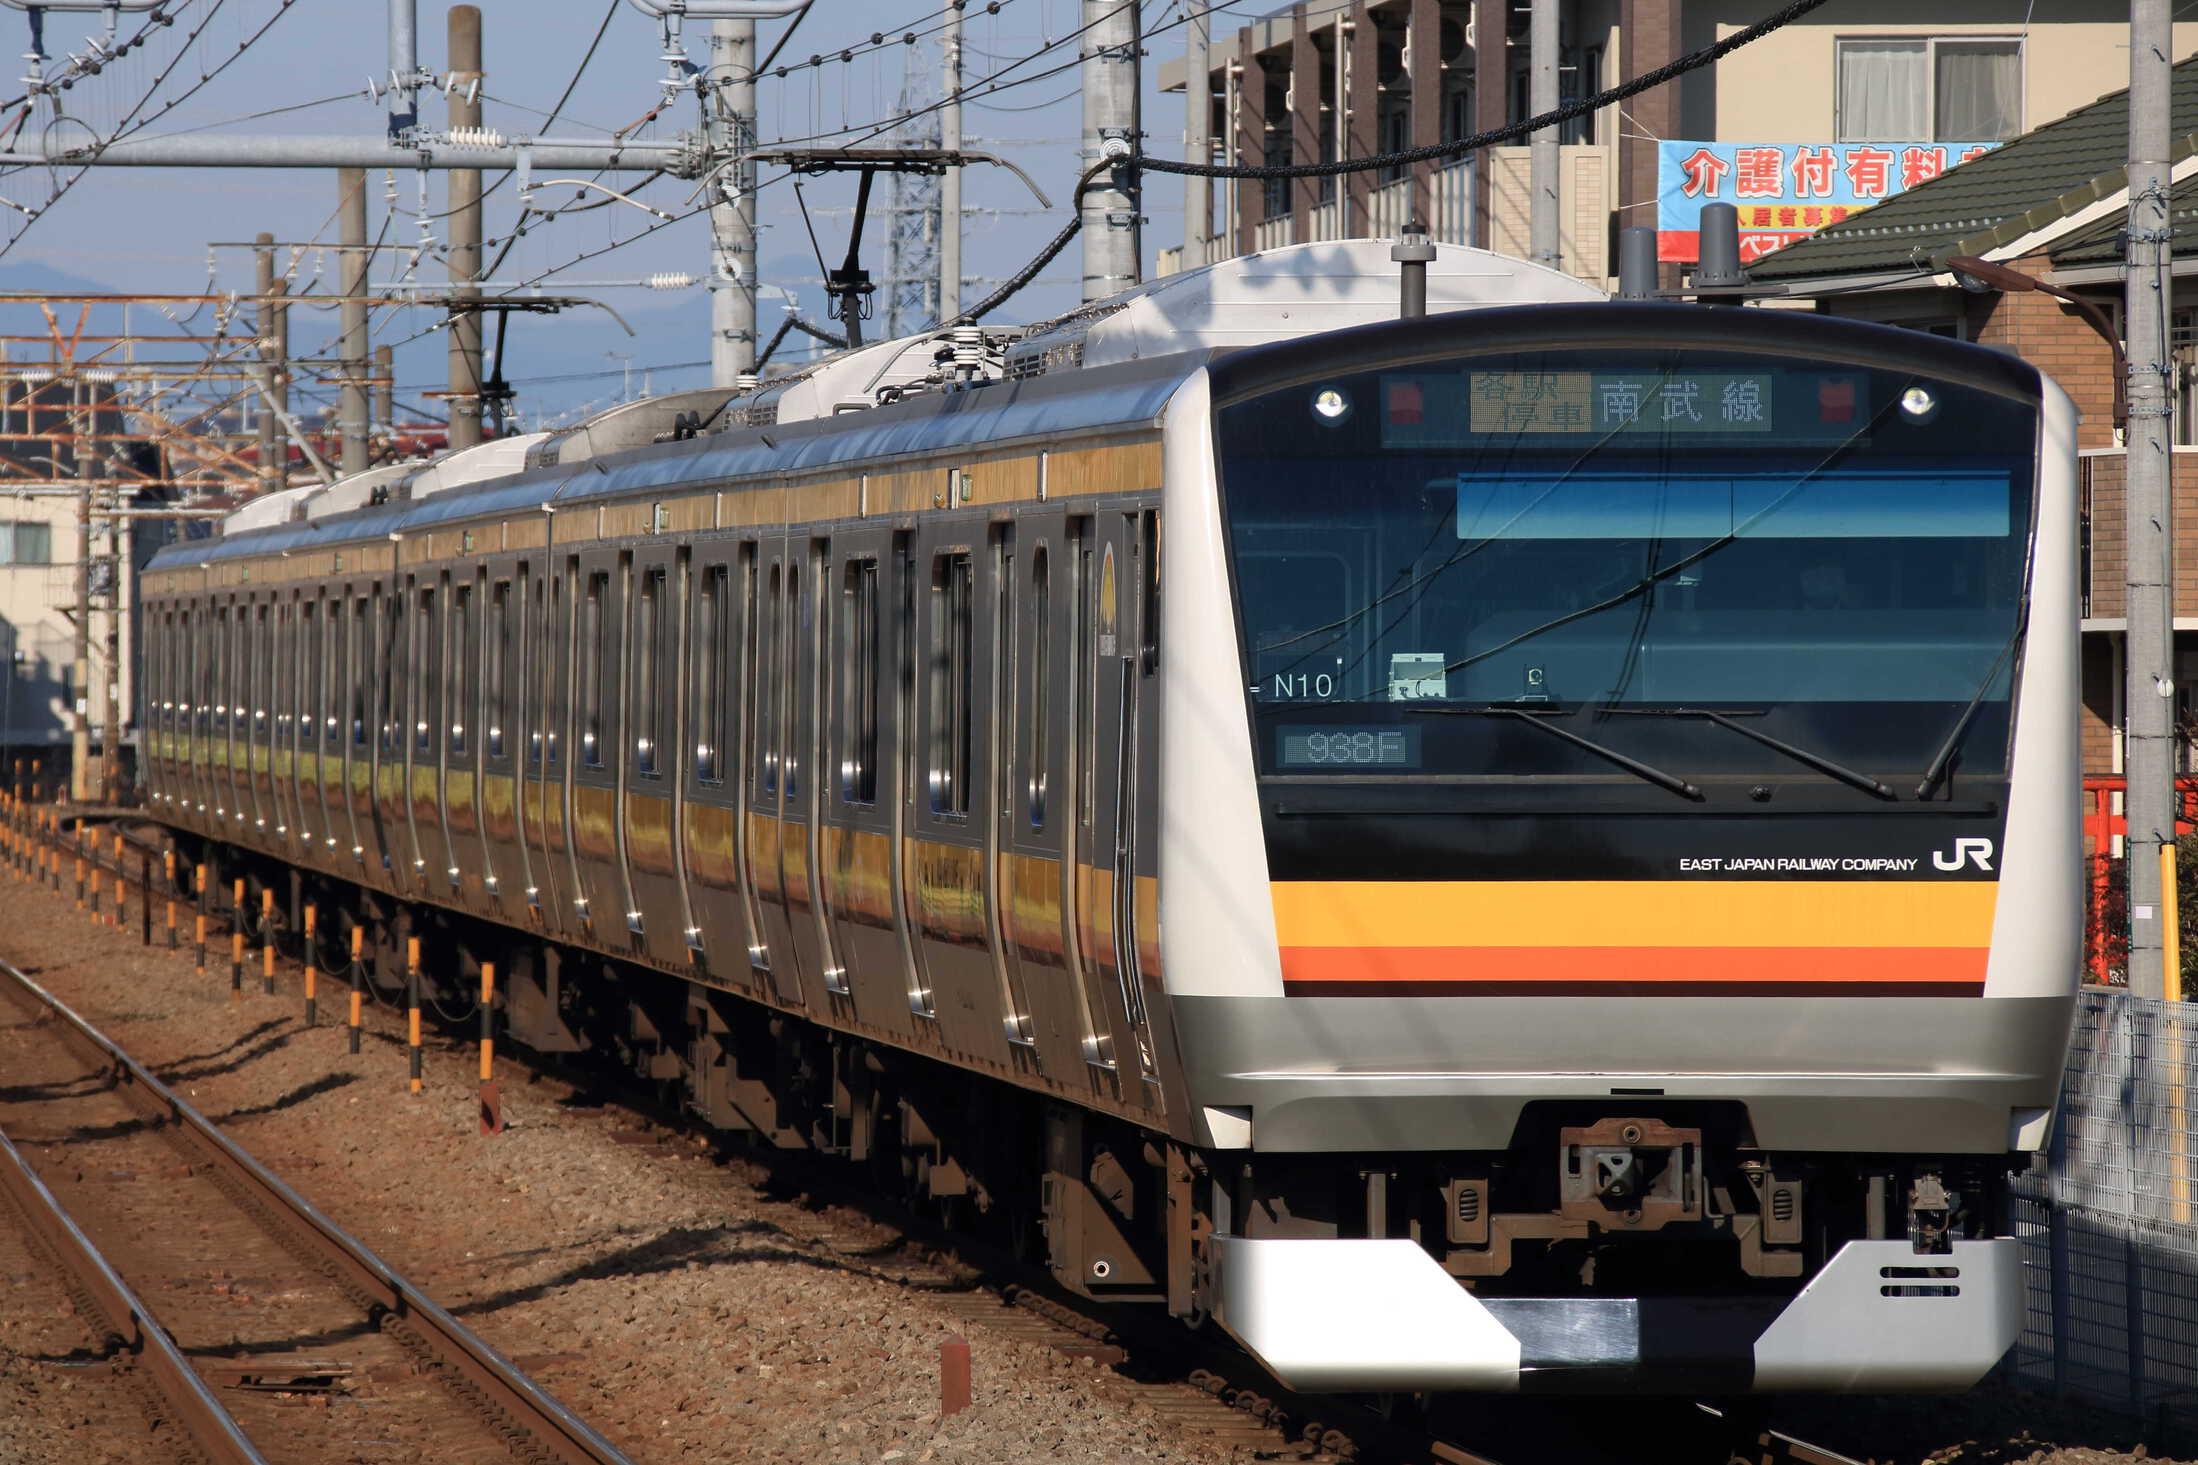 938F E233系 横ナハN10編成